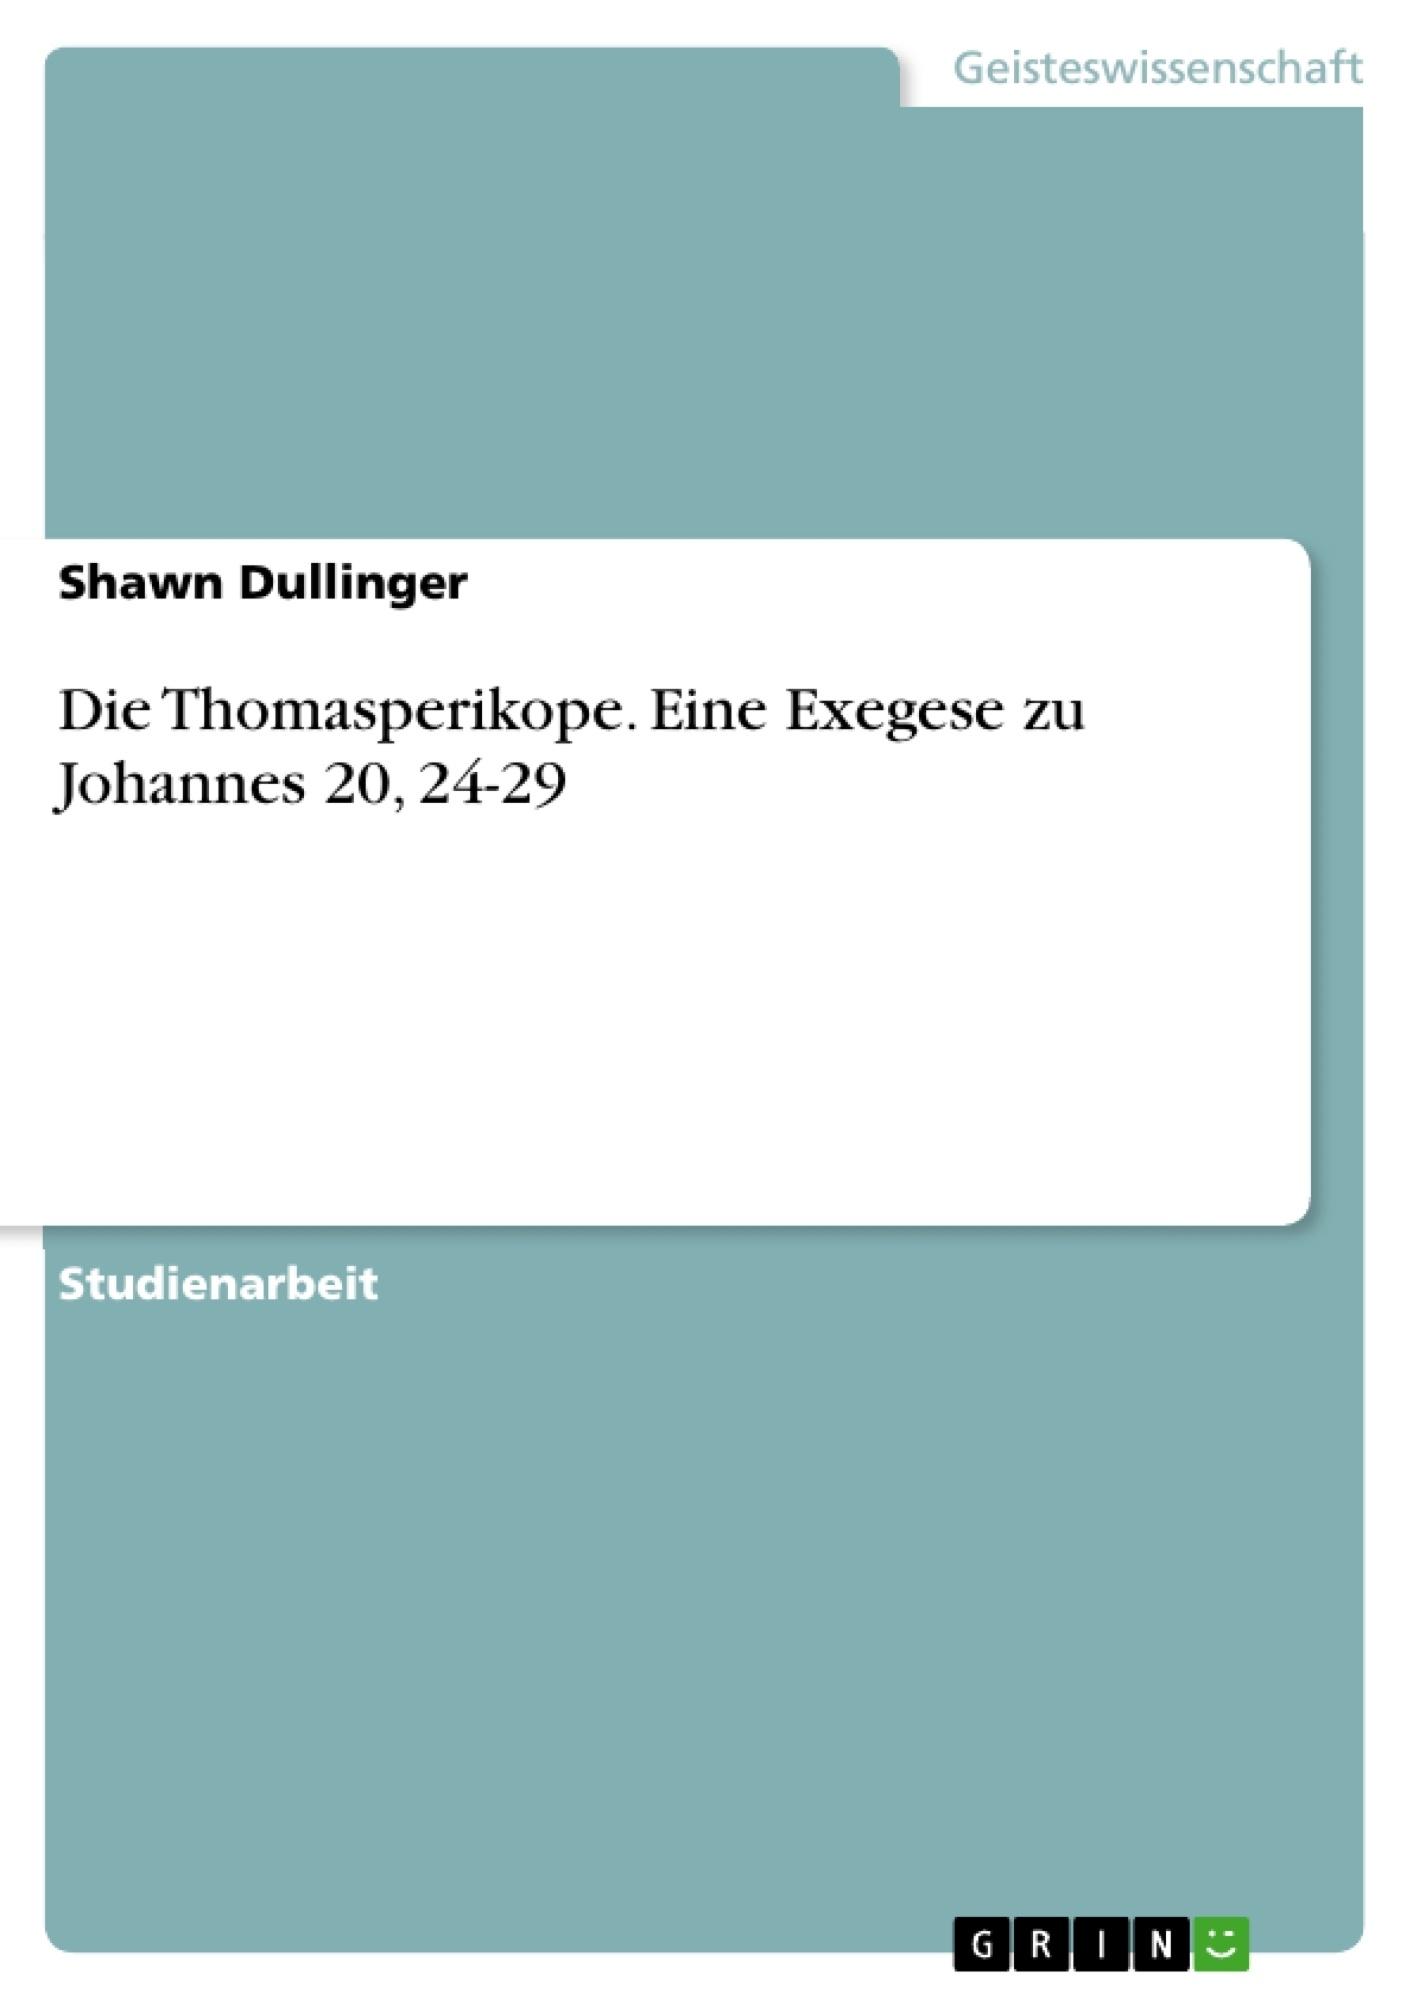 Titel: Die Thomasperikope. Eine Exegese zu Johannes 20, 24-29